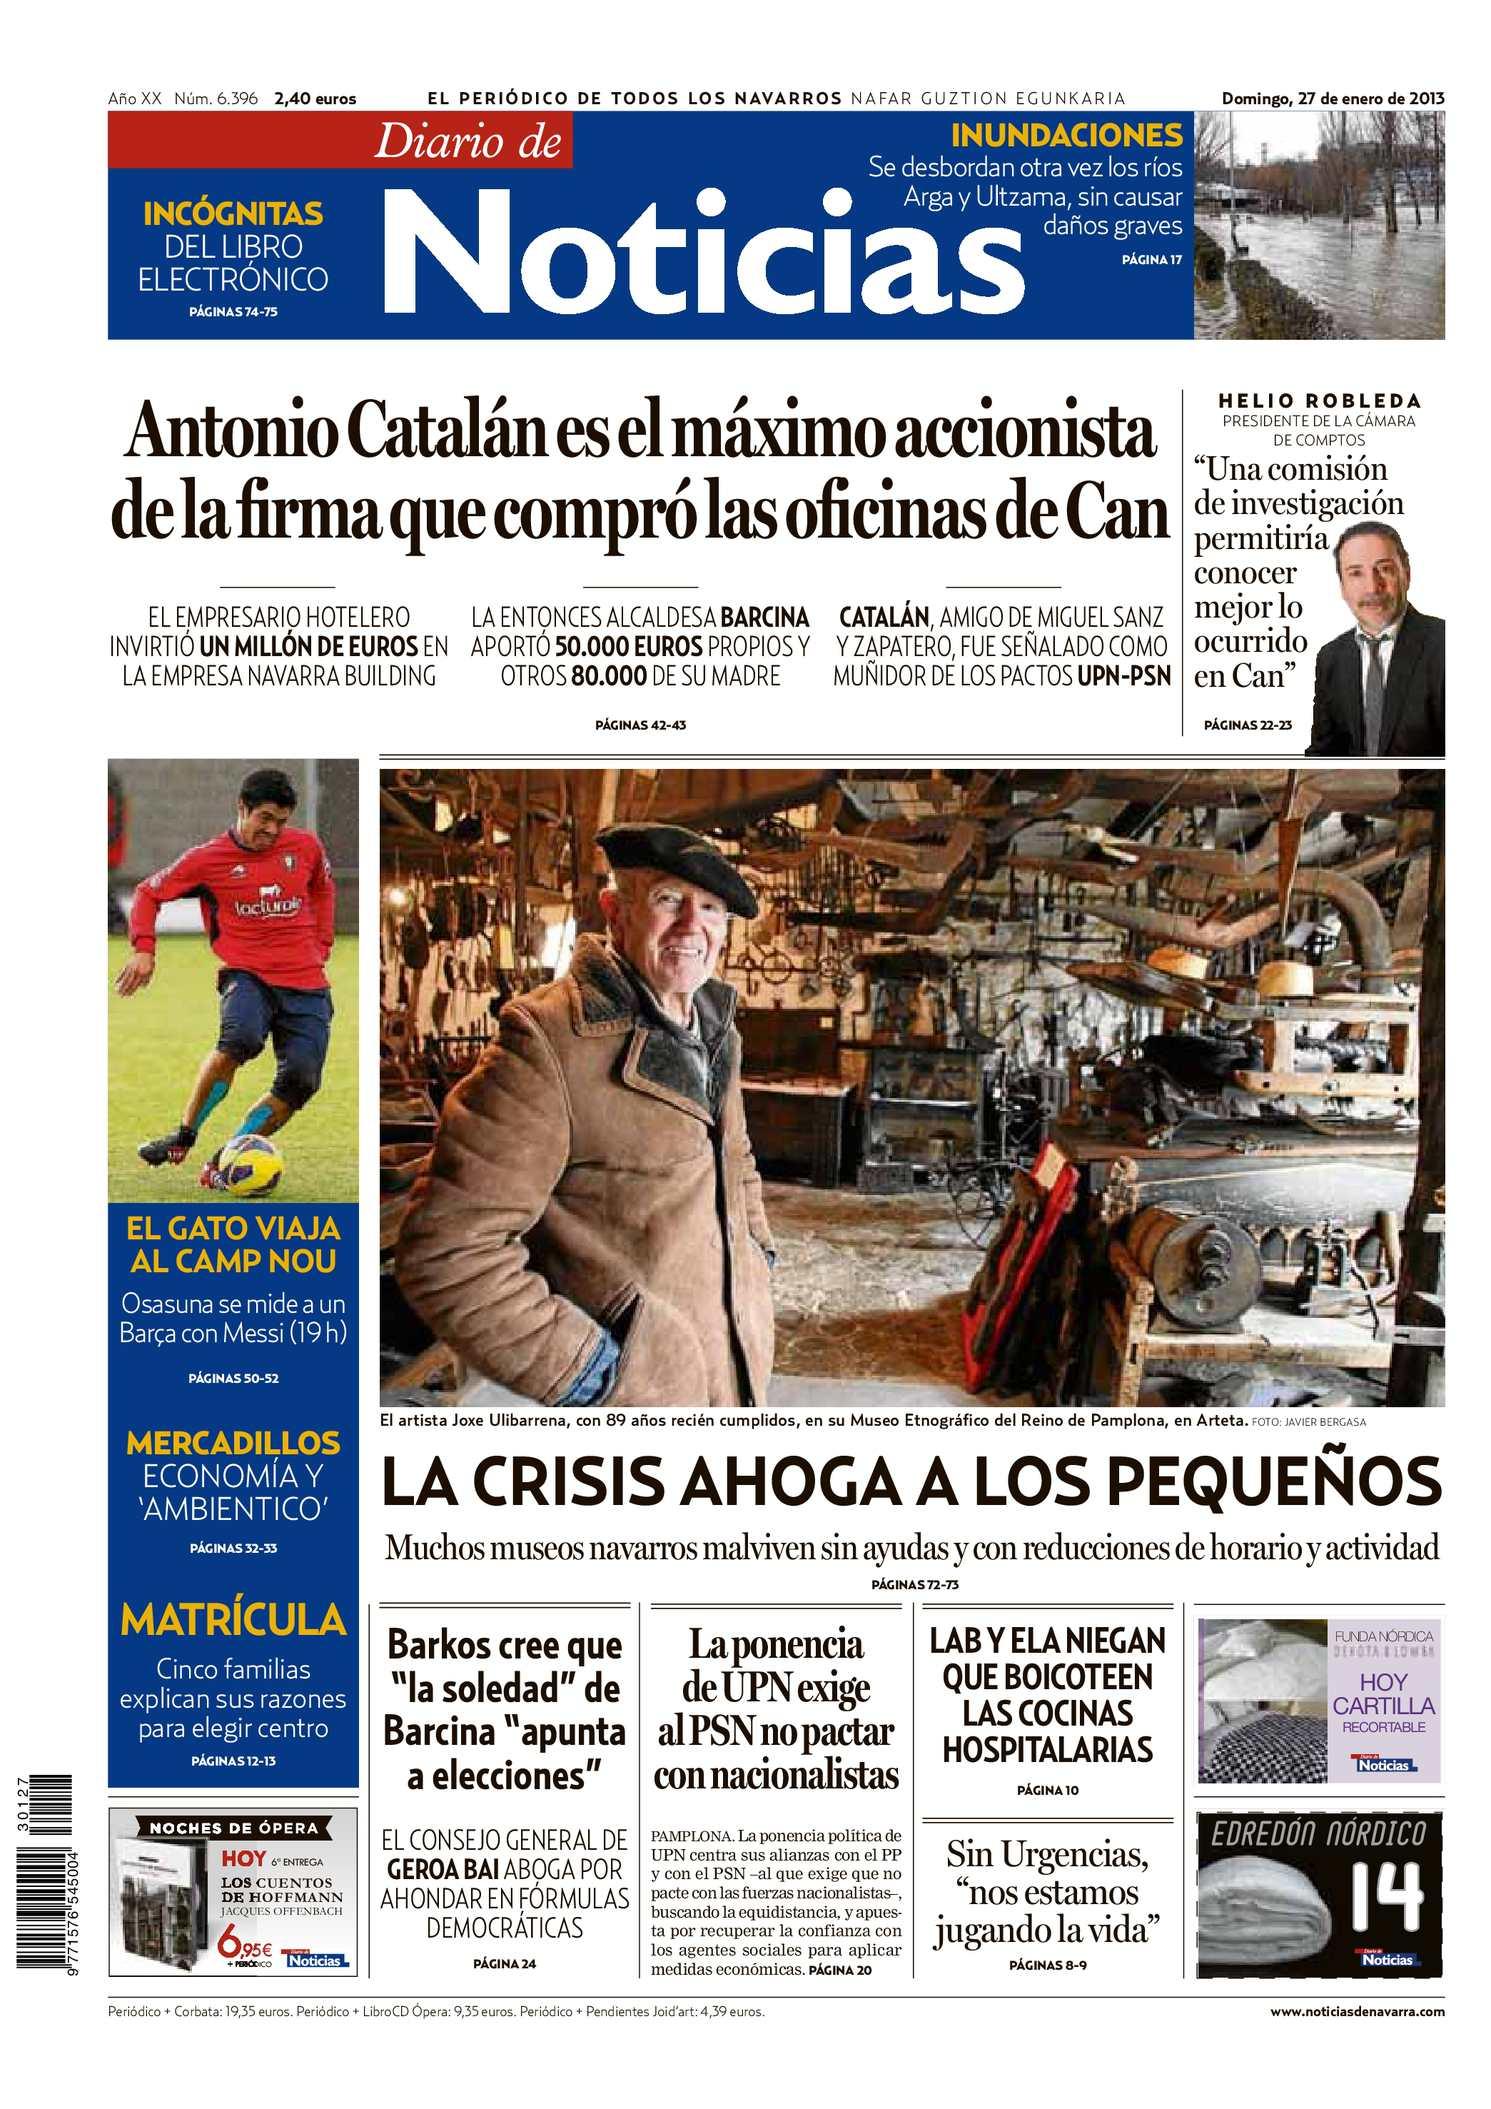 20130127 Calaméo Diario Noticias Calaméo De bf76IYyvgm